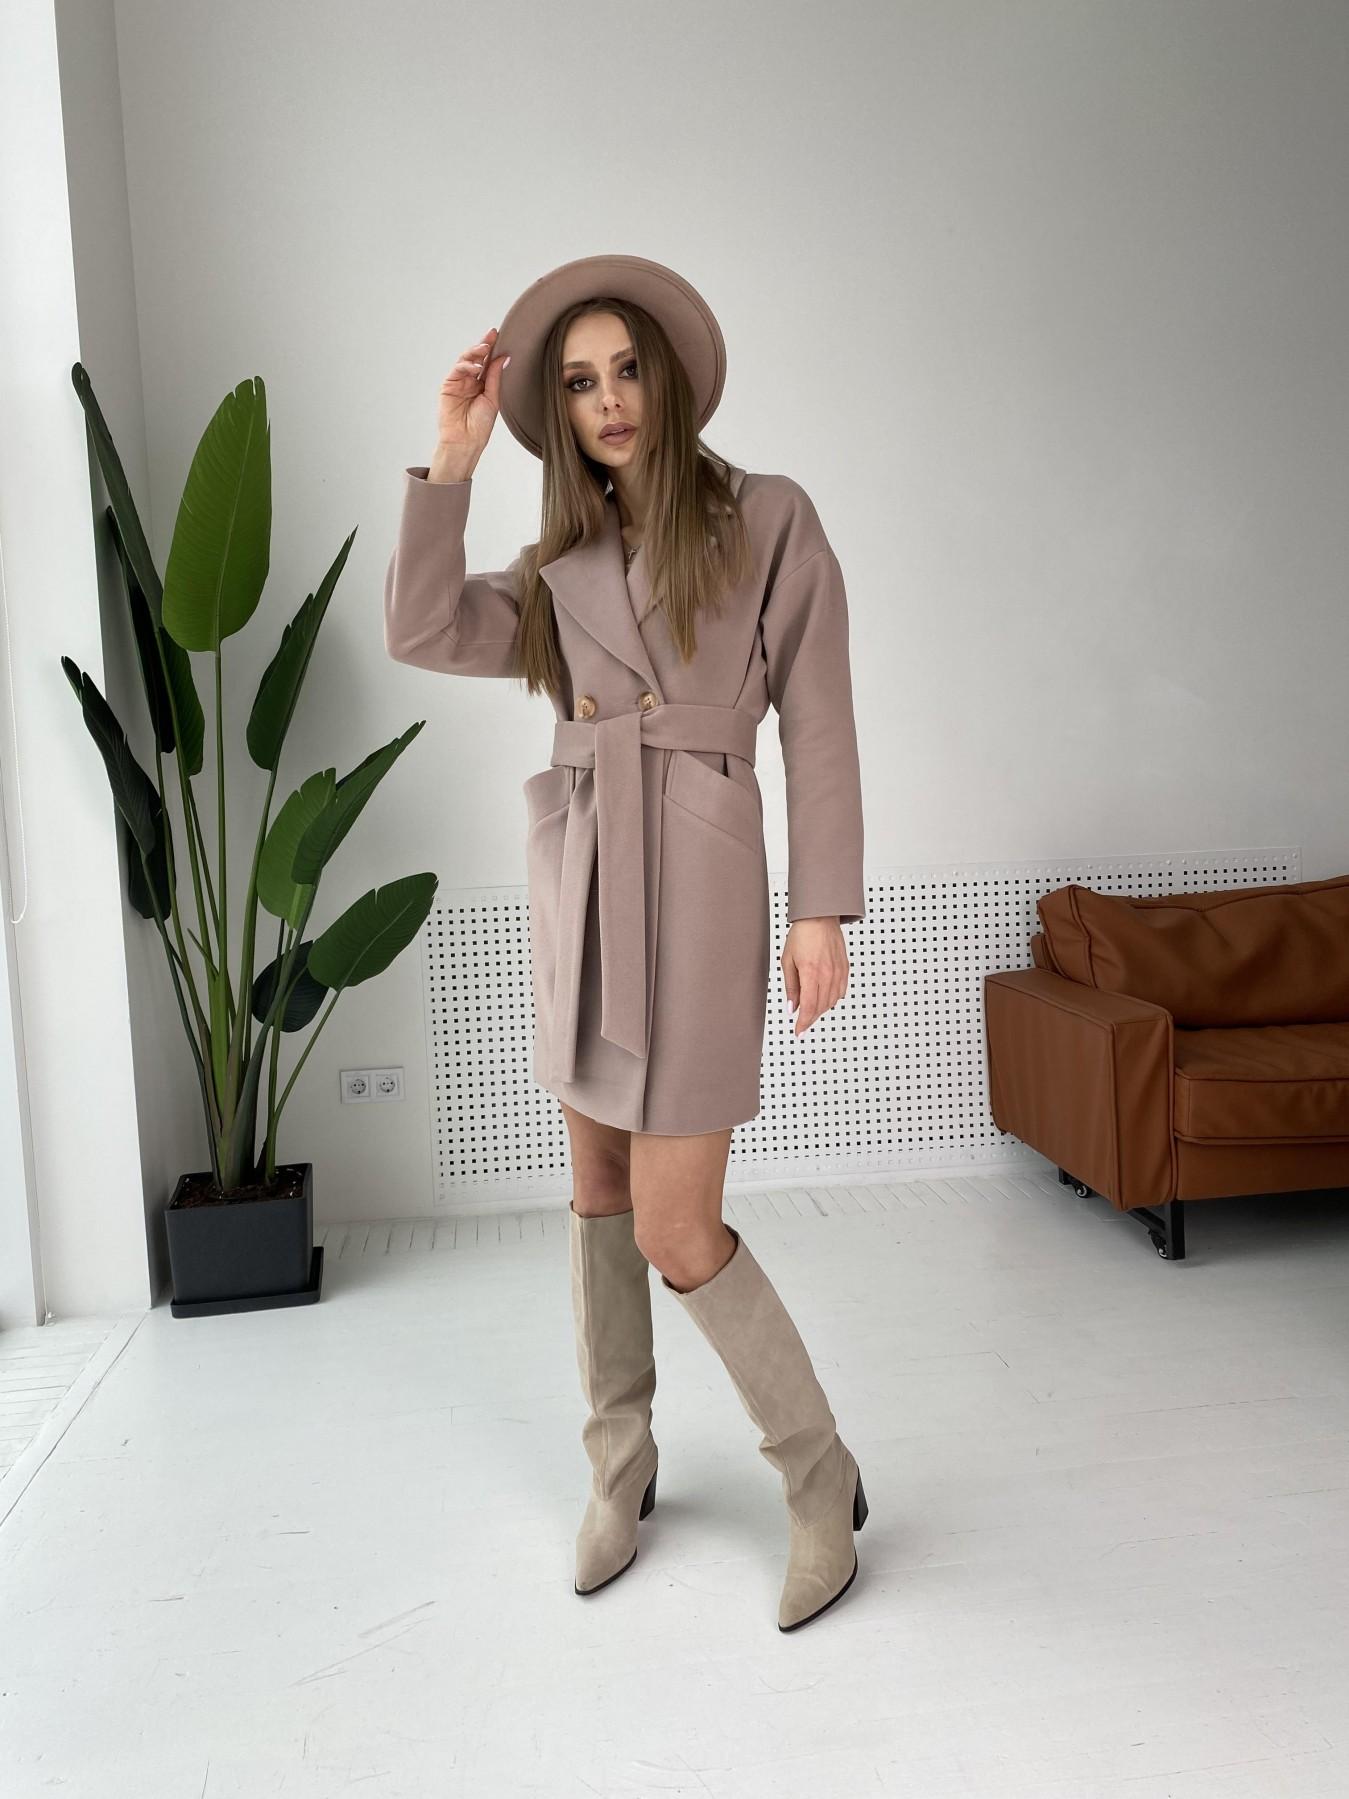 Сенсей пальто  из гладкого кашемира 10905 АРТ. 47372 Цвет: Кофе - фото 2, интернет магазин tm-modus.ru